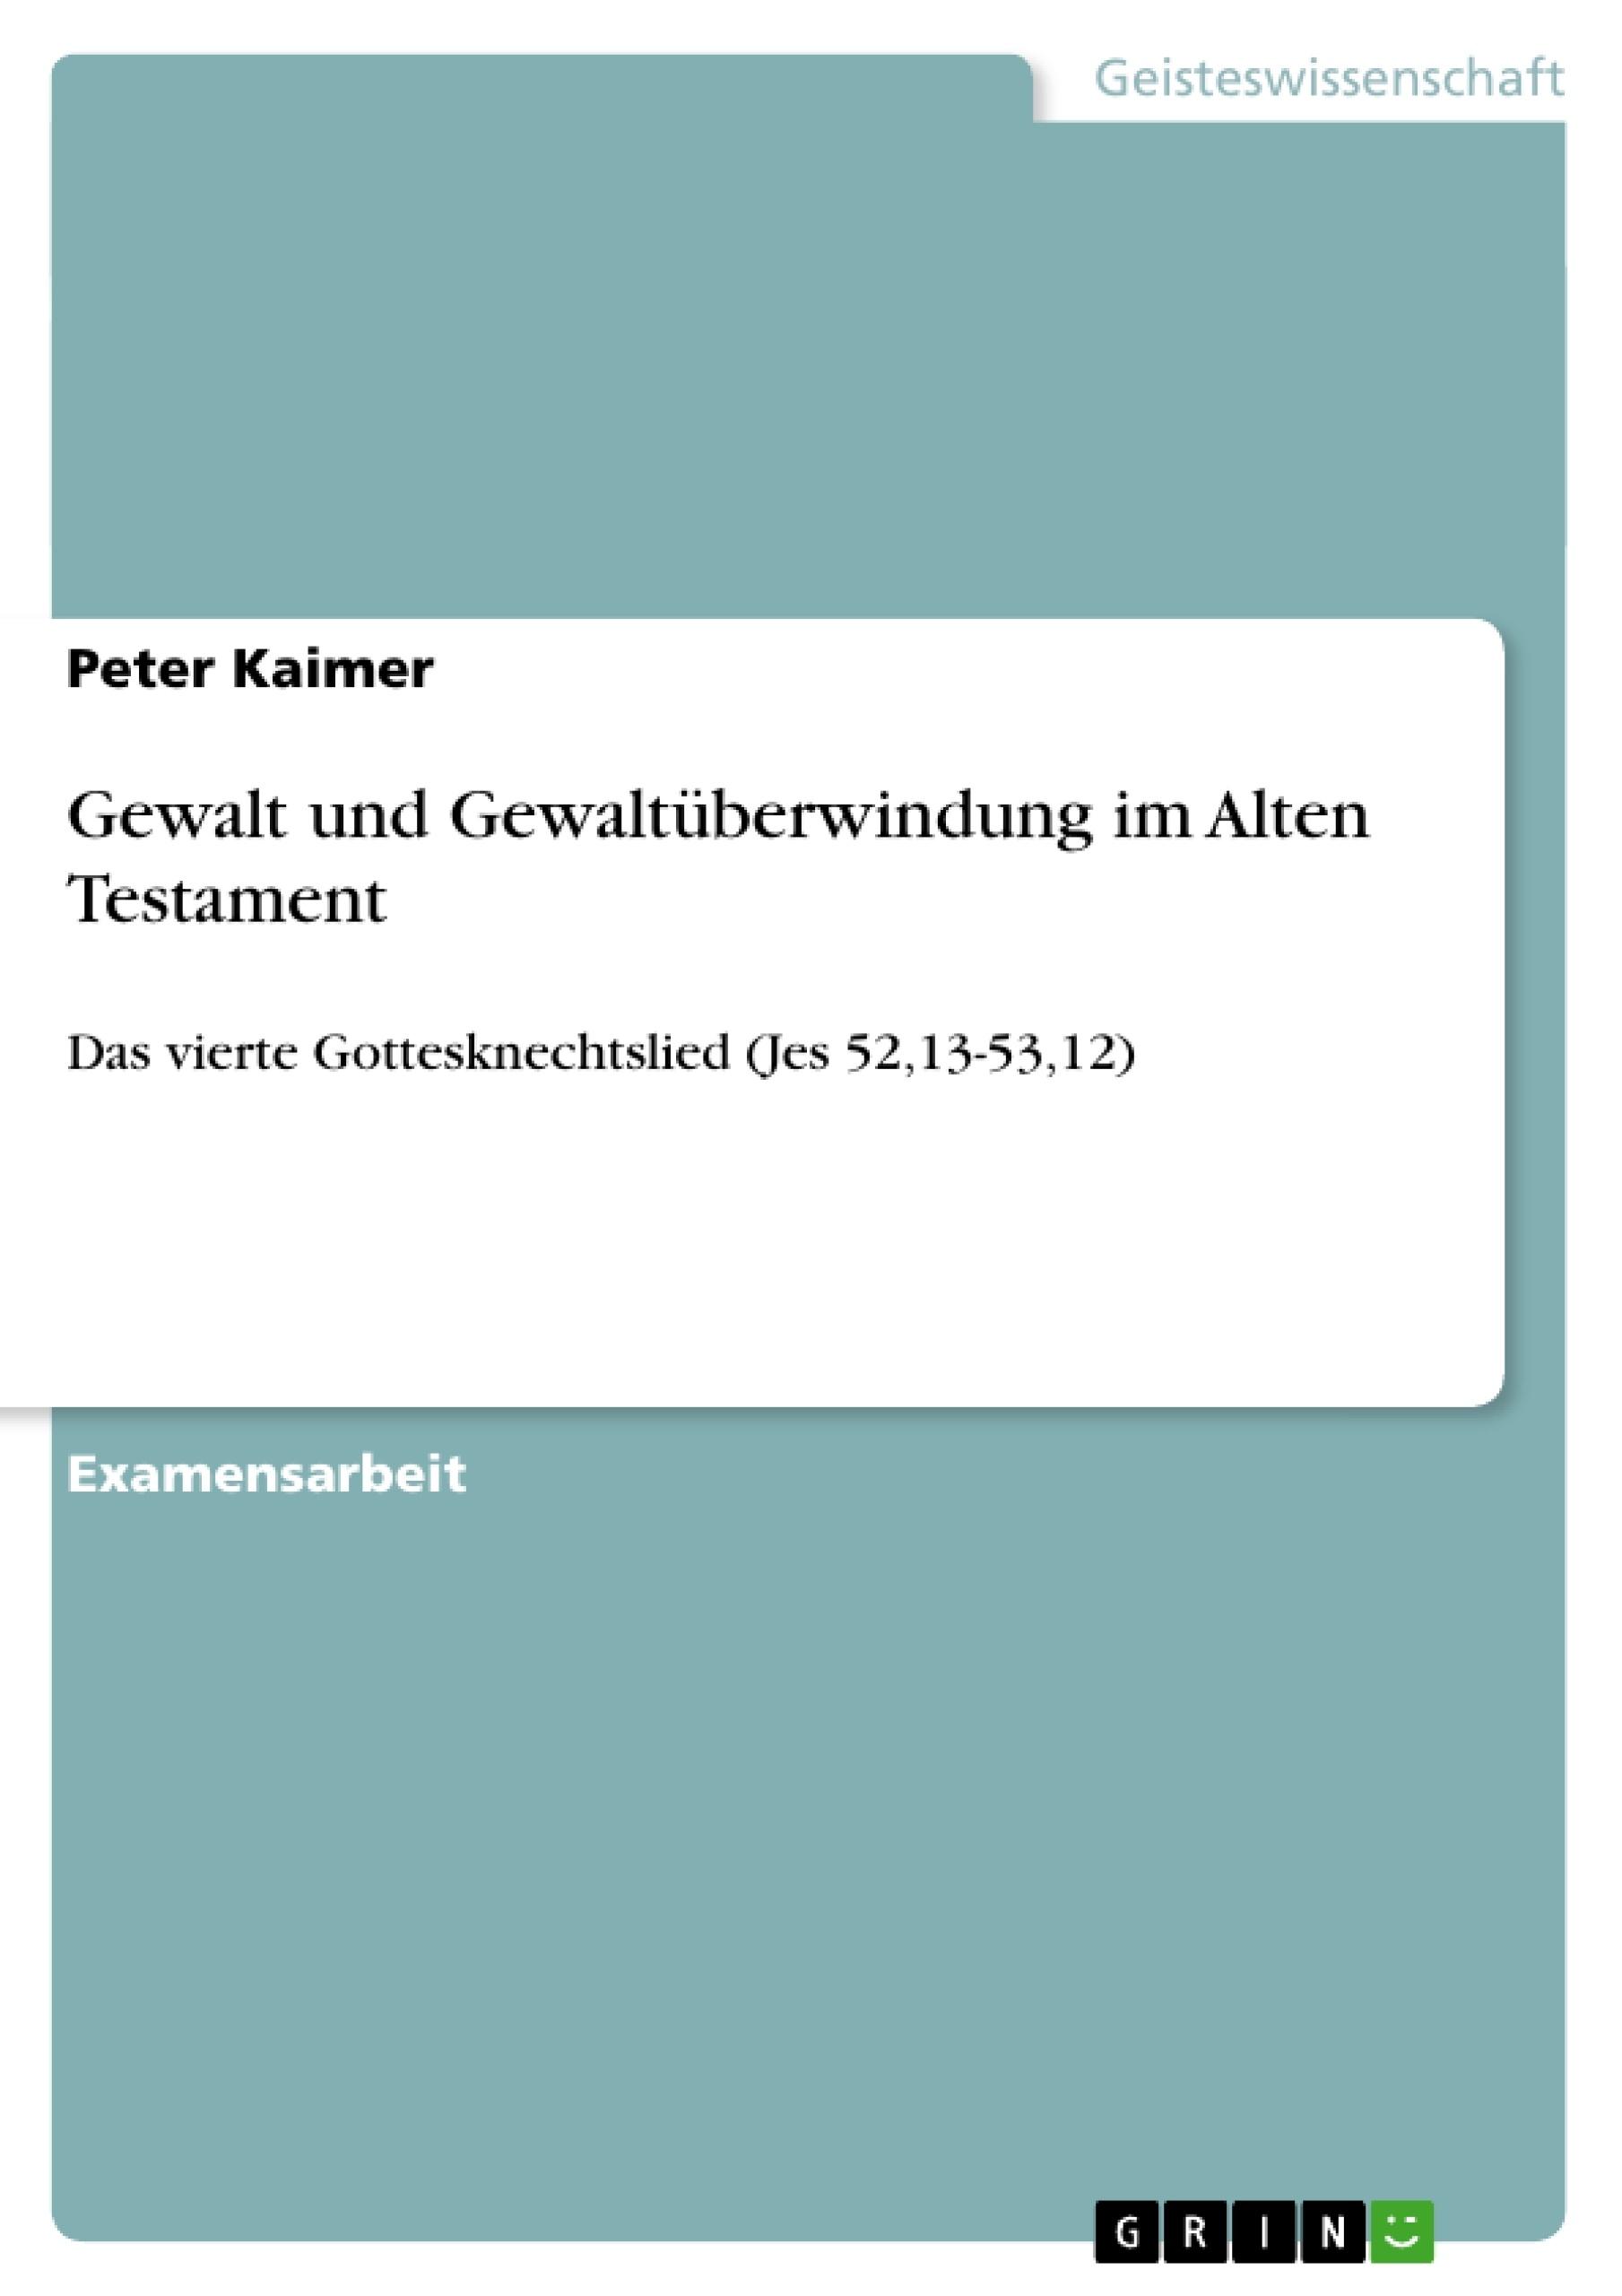 Titel: Gewalt und Gewaltüberwindung im Alten Testament